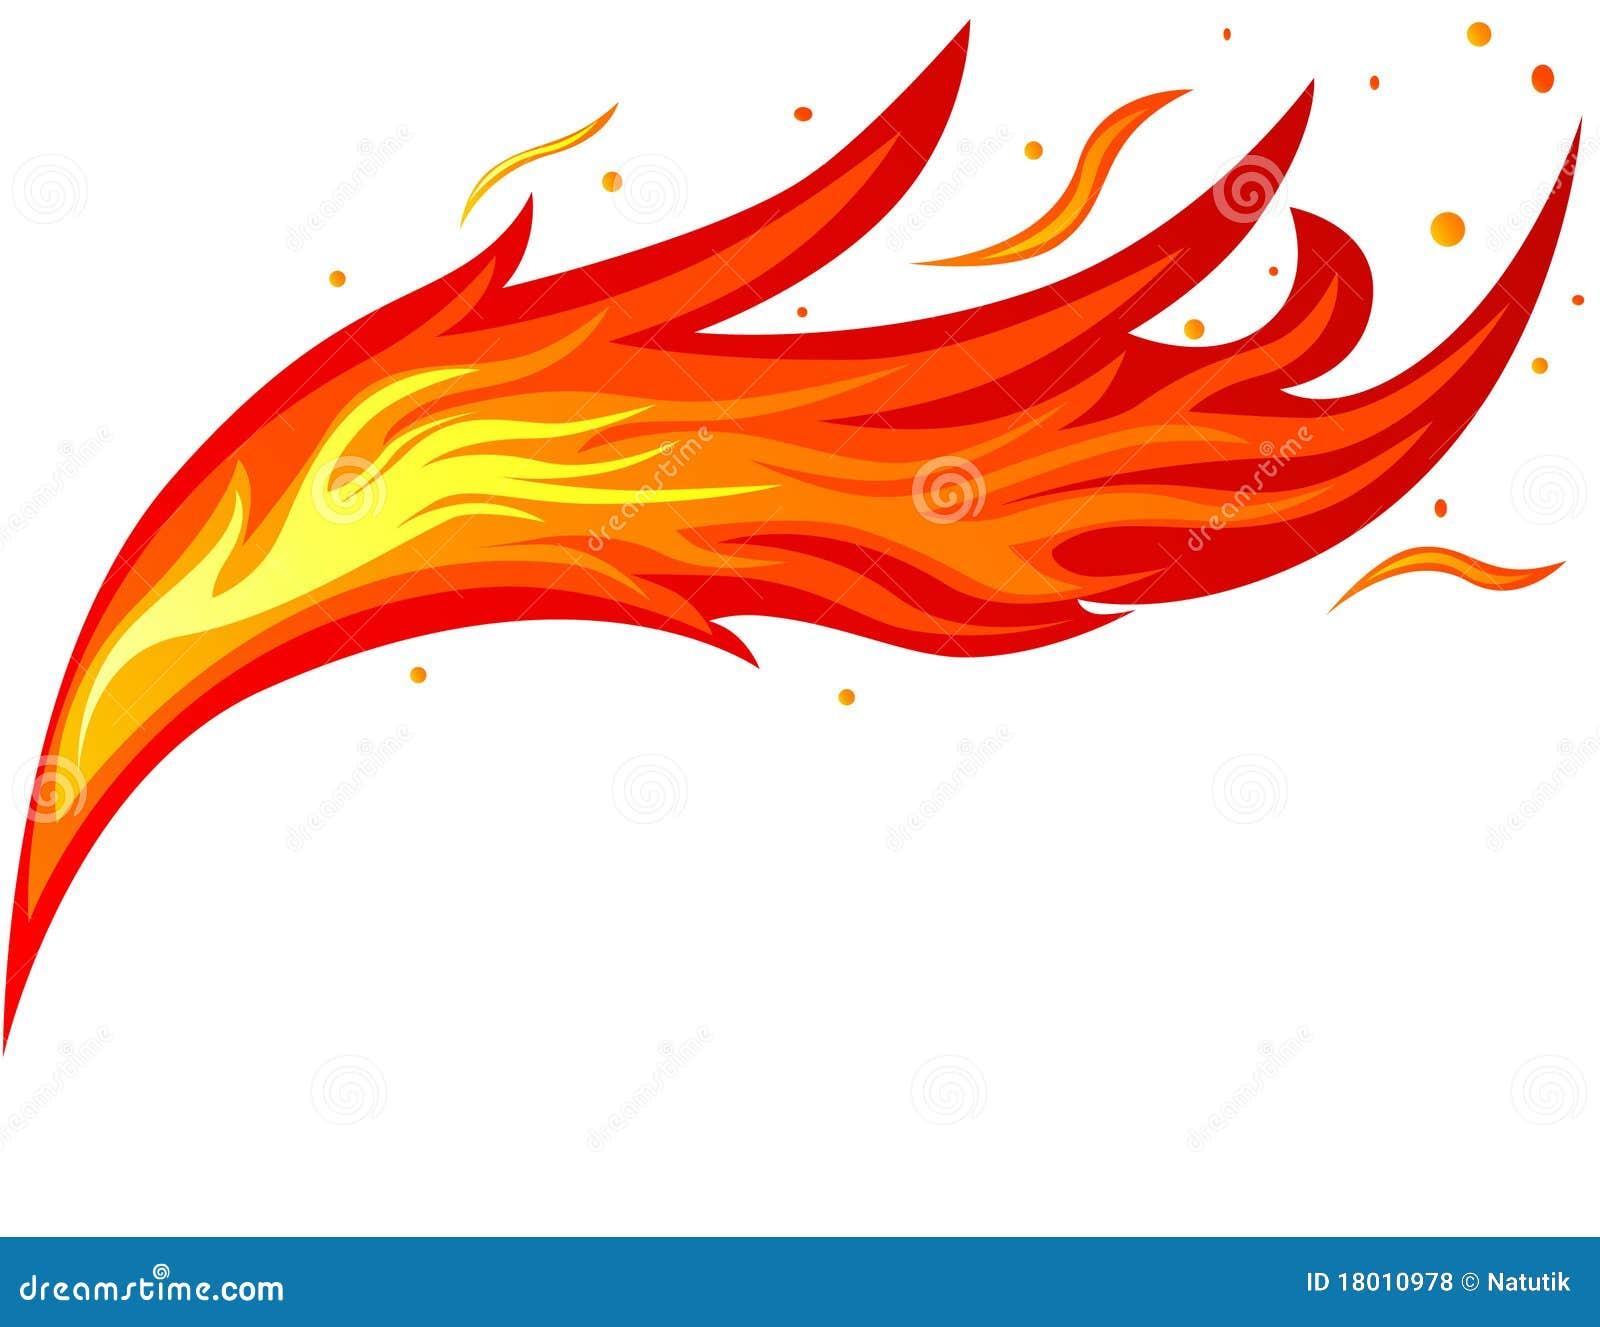 Holy Spirit Flame Craft